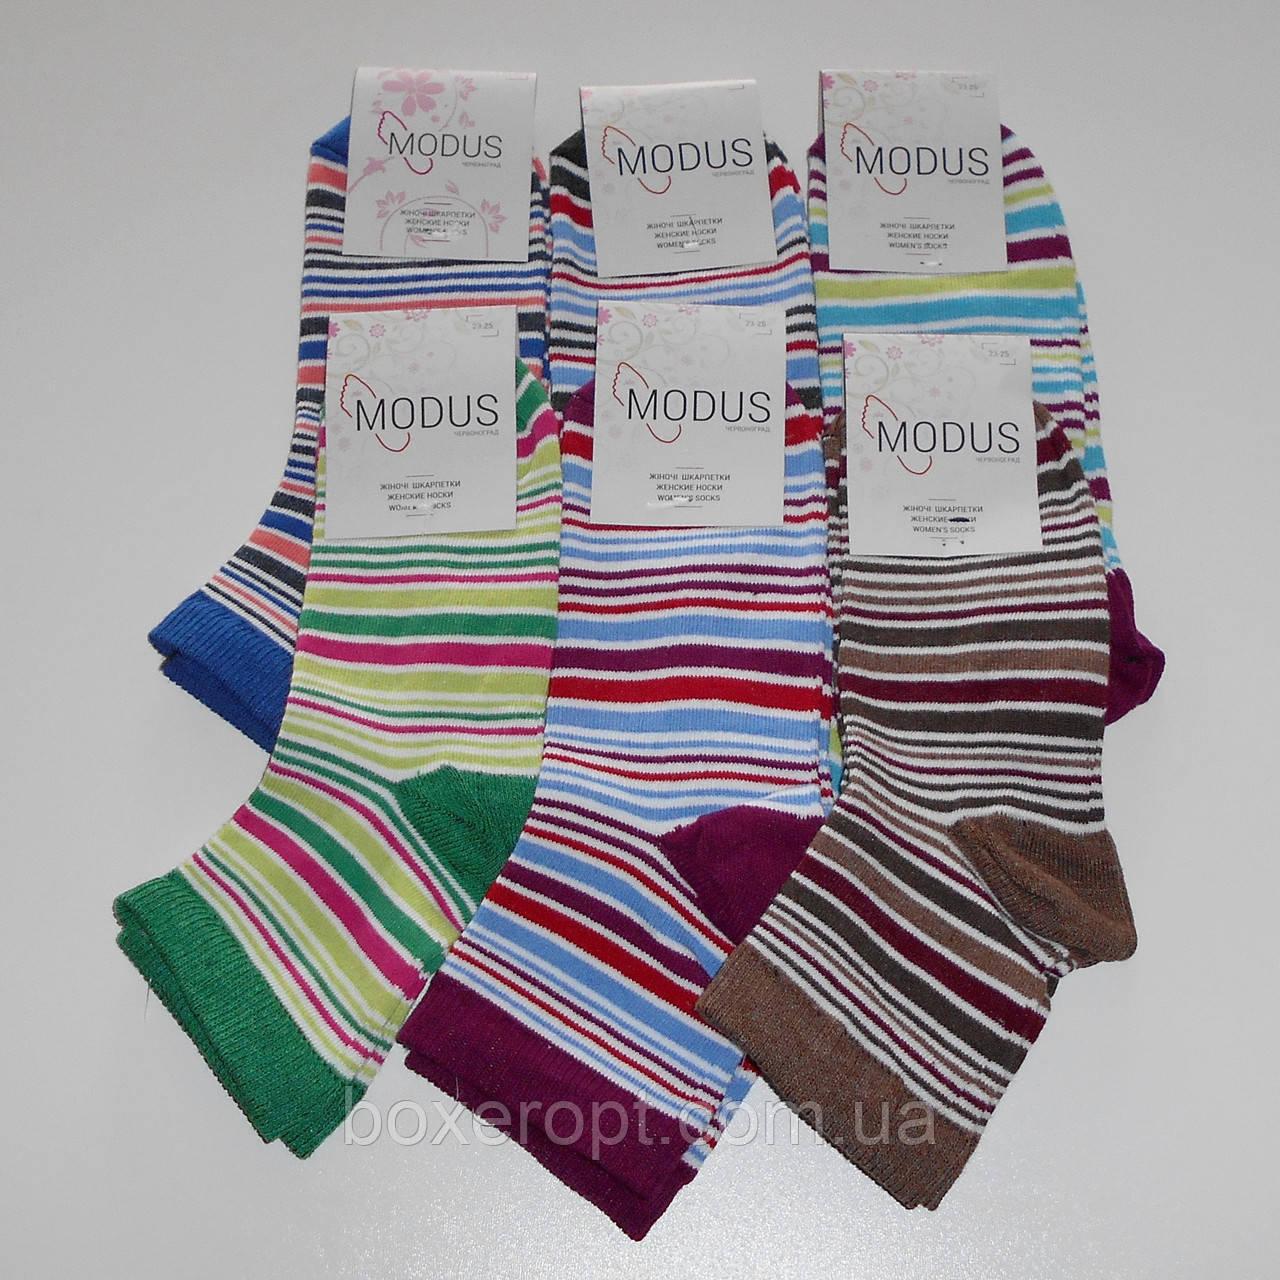 Женские носки Modus - 6.25 грн./пара (полоска)